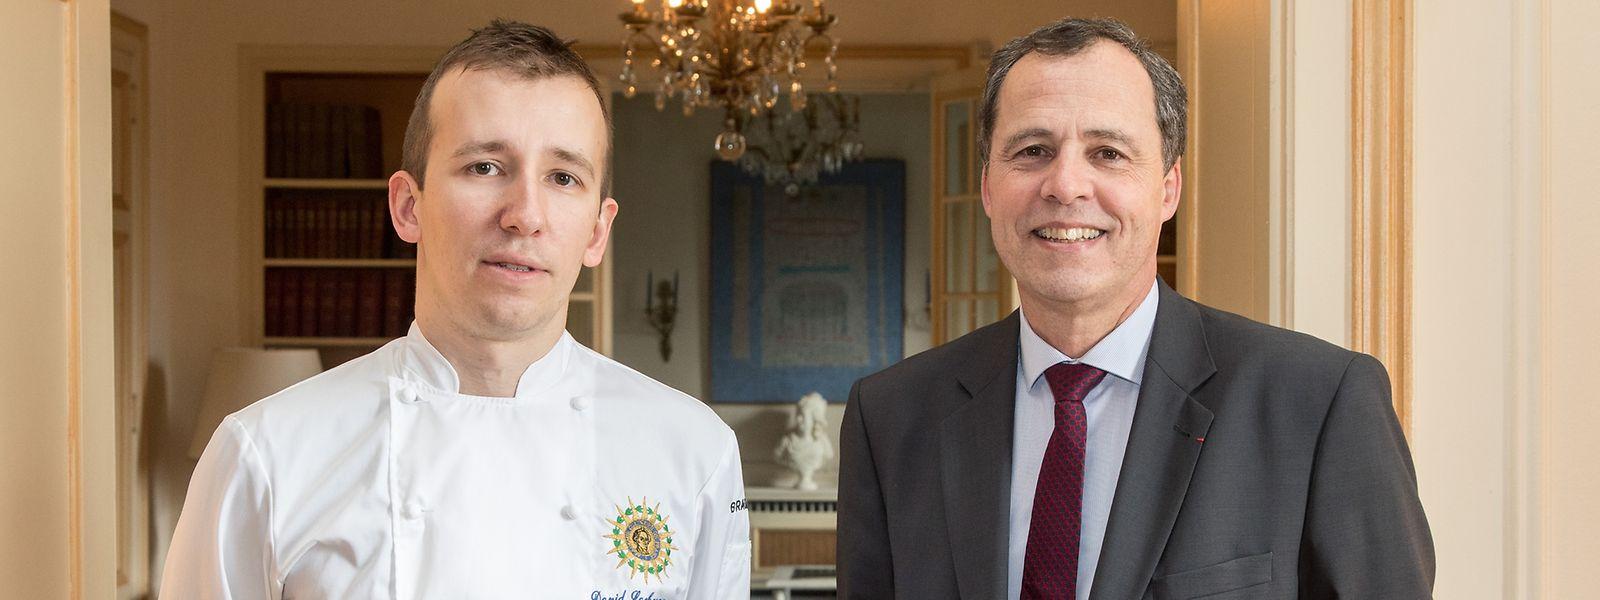 David Lachavannes (à g.) et l'ambassadeur de France au Luxembourg, Bruno Perdu.